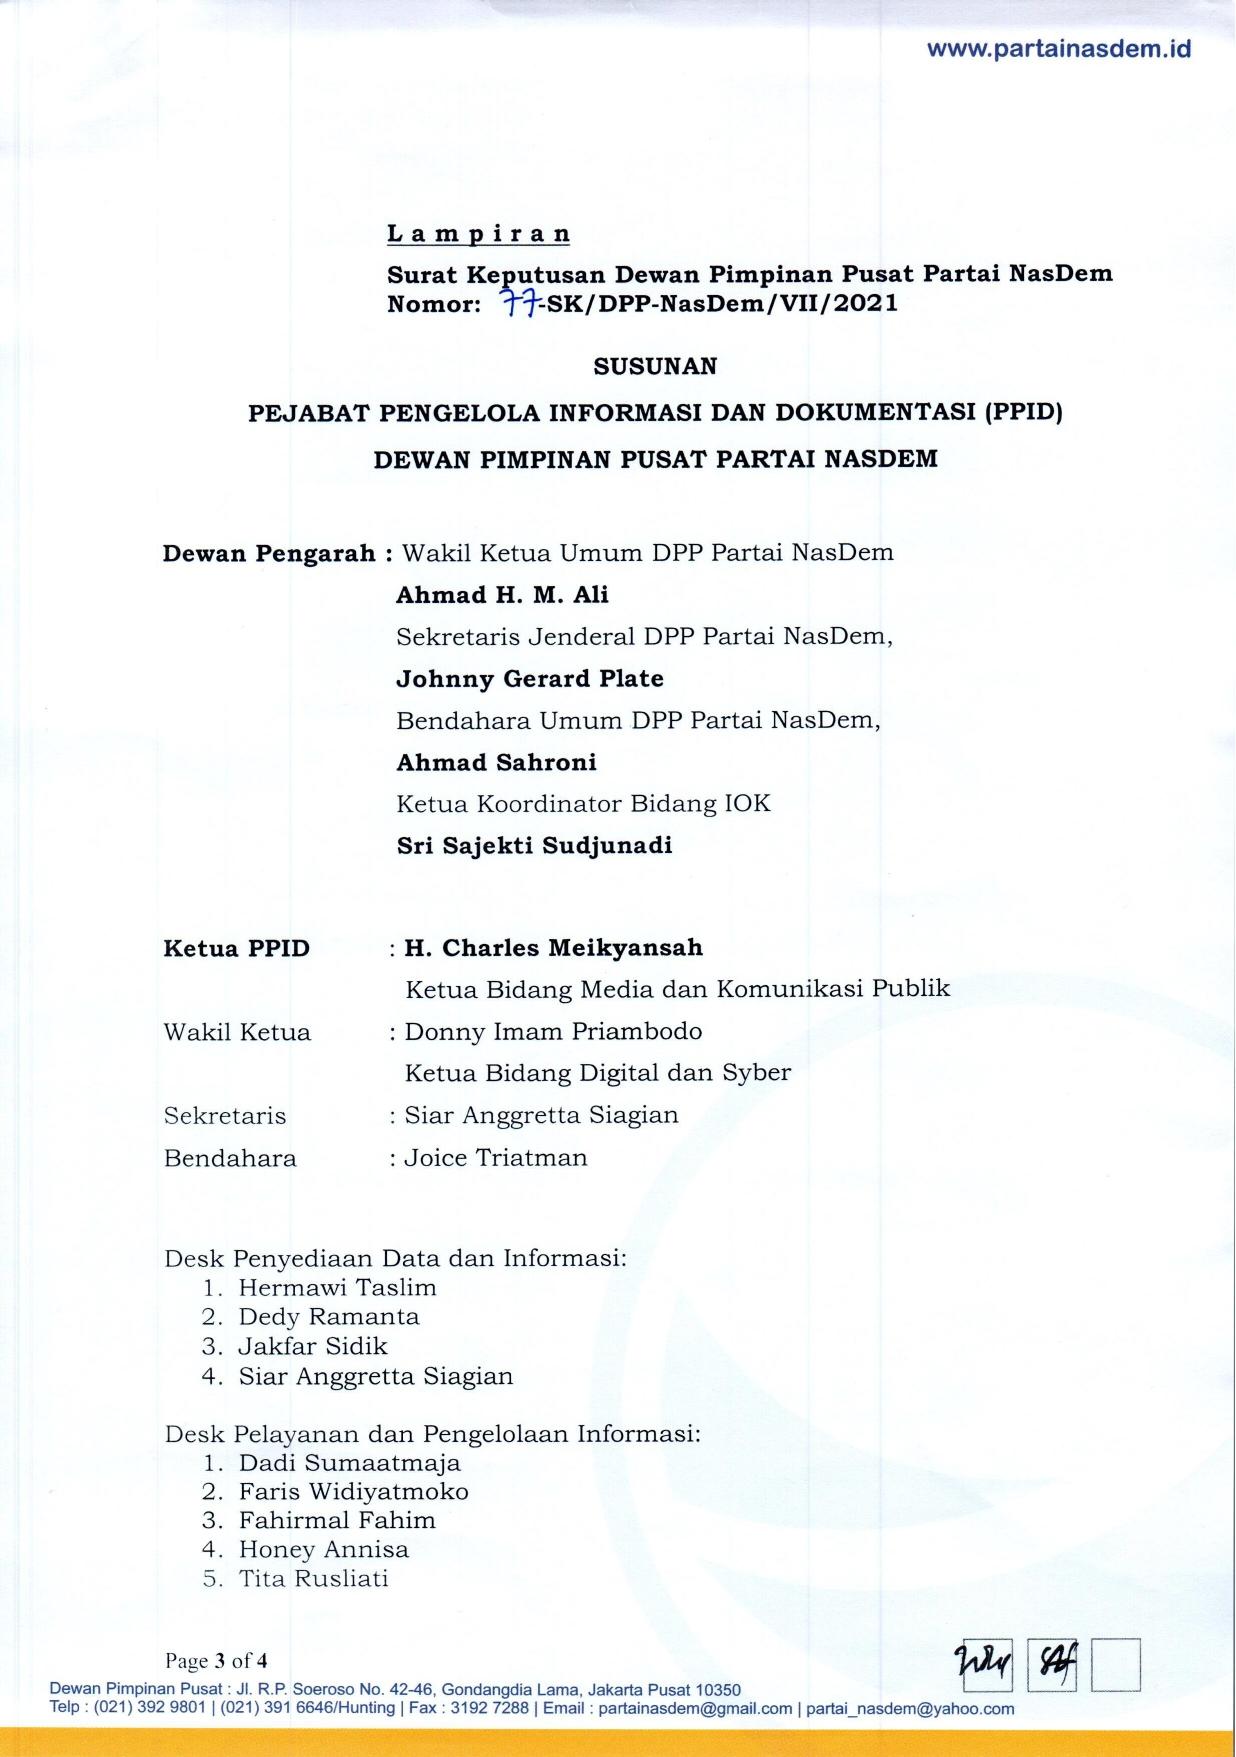 SK-DPP-77-VII-2021_0001_page-0003